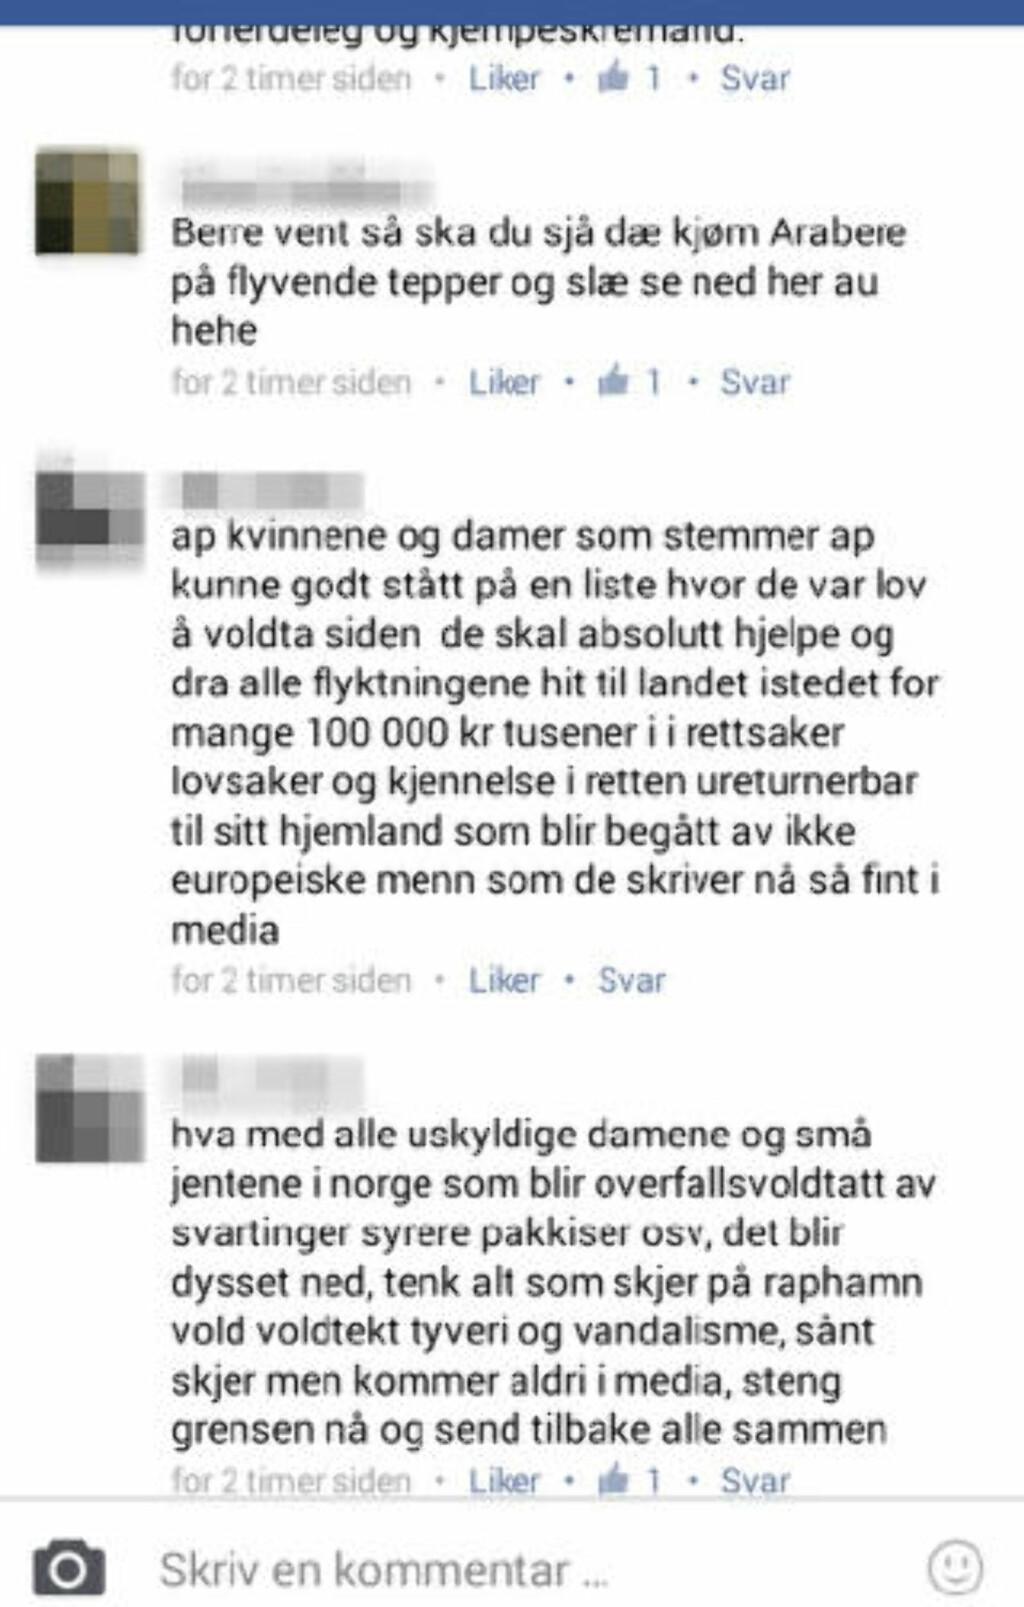 STERKE UTFALL: På åpne Facebook-profiler kommer gudbrandsdøler med sterke utfall mot flyktninger og Ap-kvinner. Den ene av disse meldingene er nå meldt til poiltiet. Faksimile: Facebook